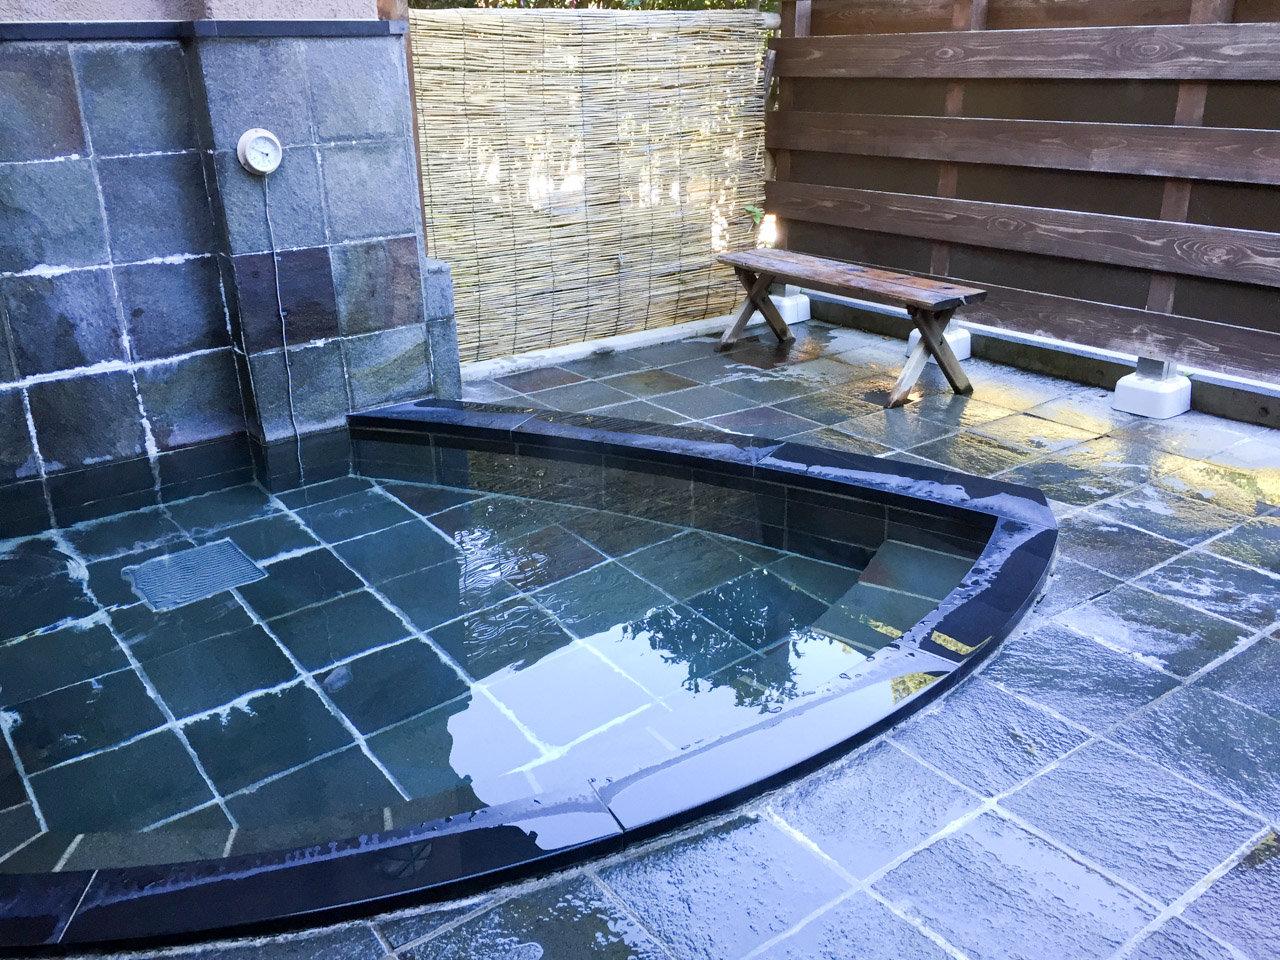 檜原村「数馬の湯」森の天然温泉がたったの820円! #tokyo島旅山旅